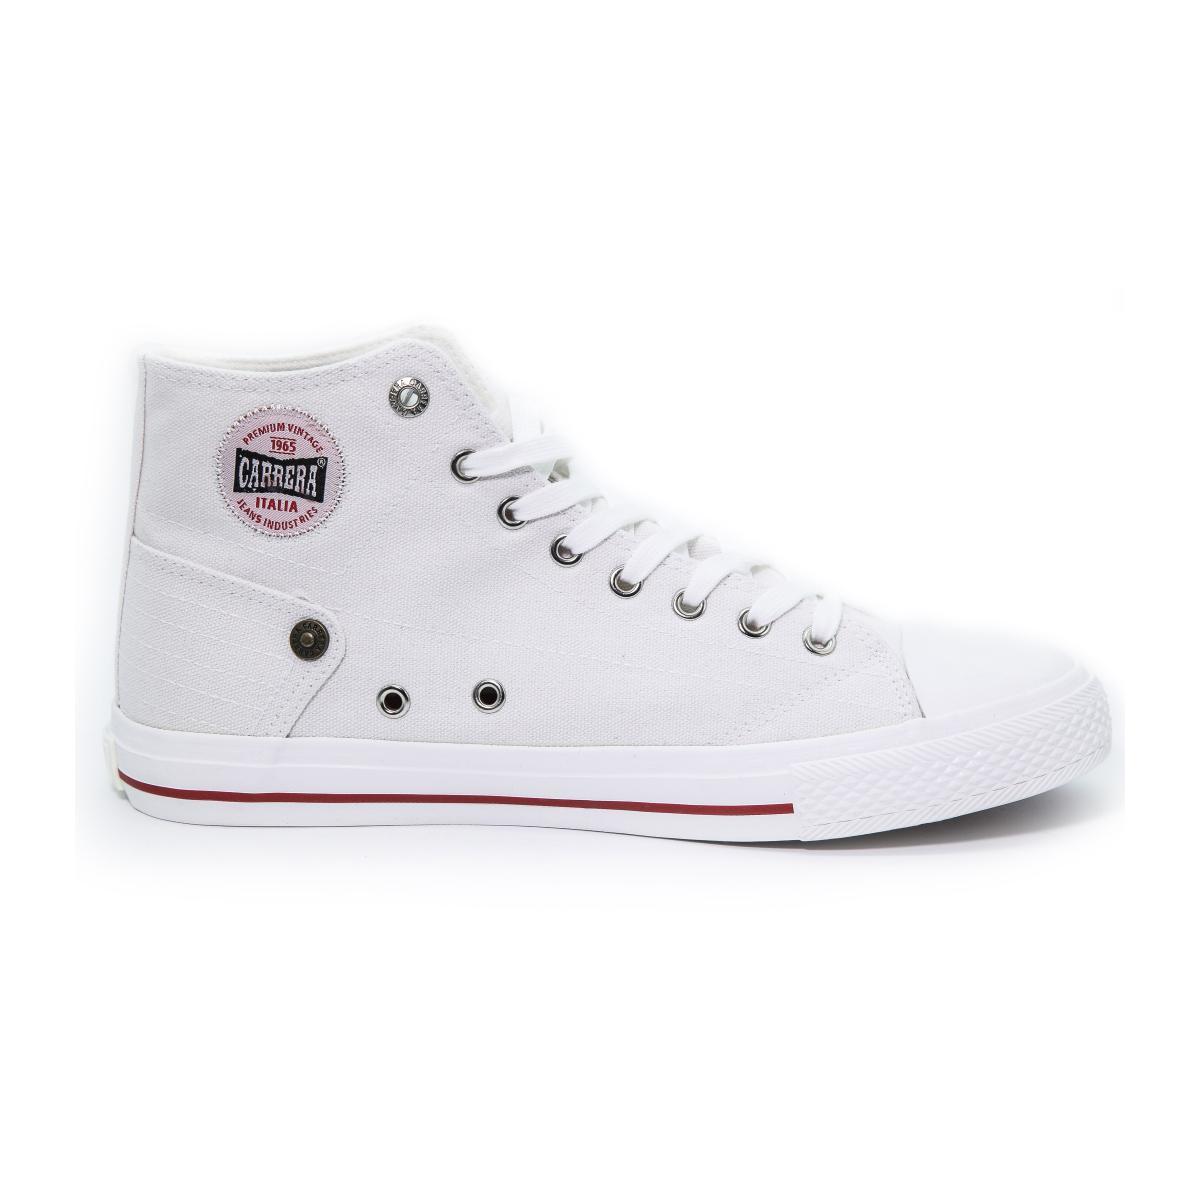 """Scarpe Sneakers """"Carrera"""" Alte Da Ginnastica in Tela Bianca da Uomo"""